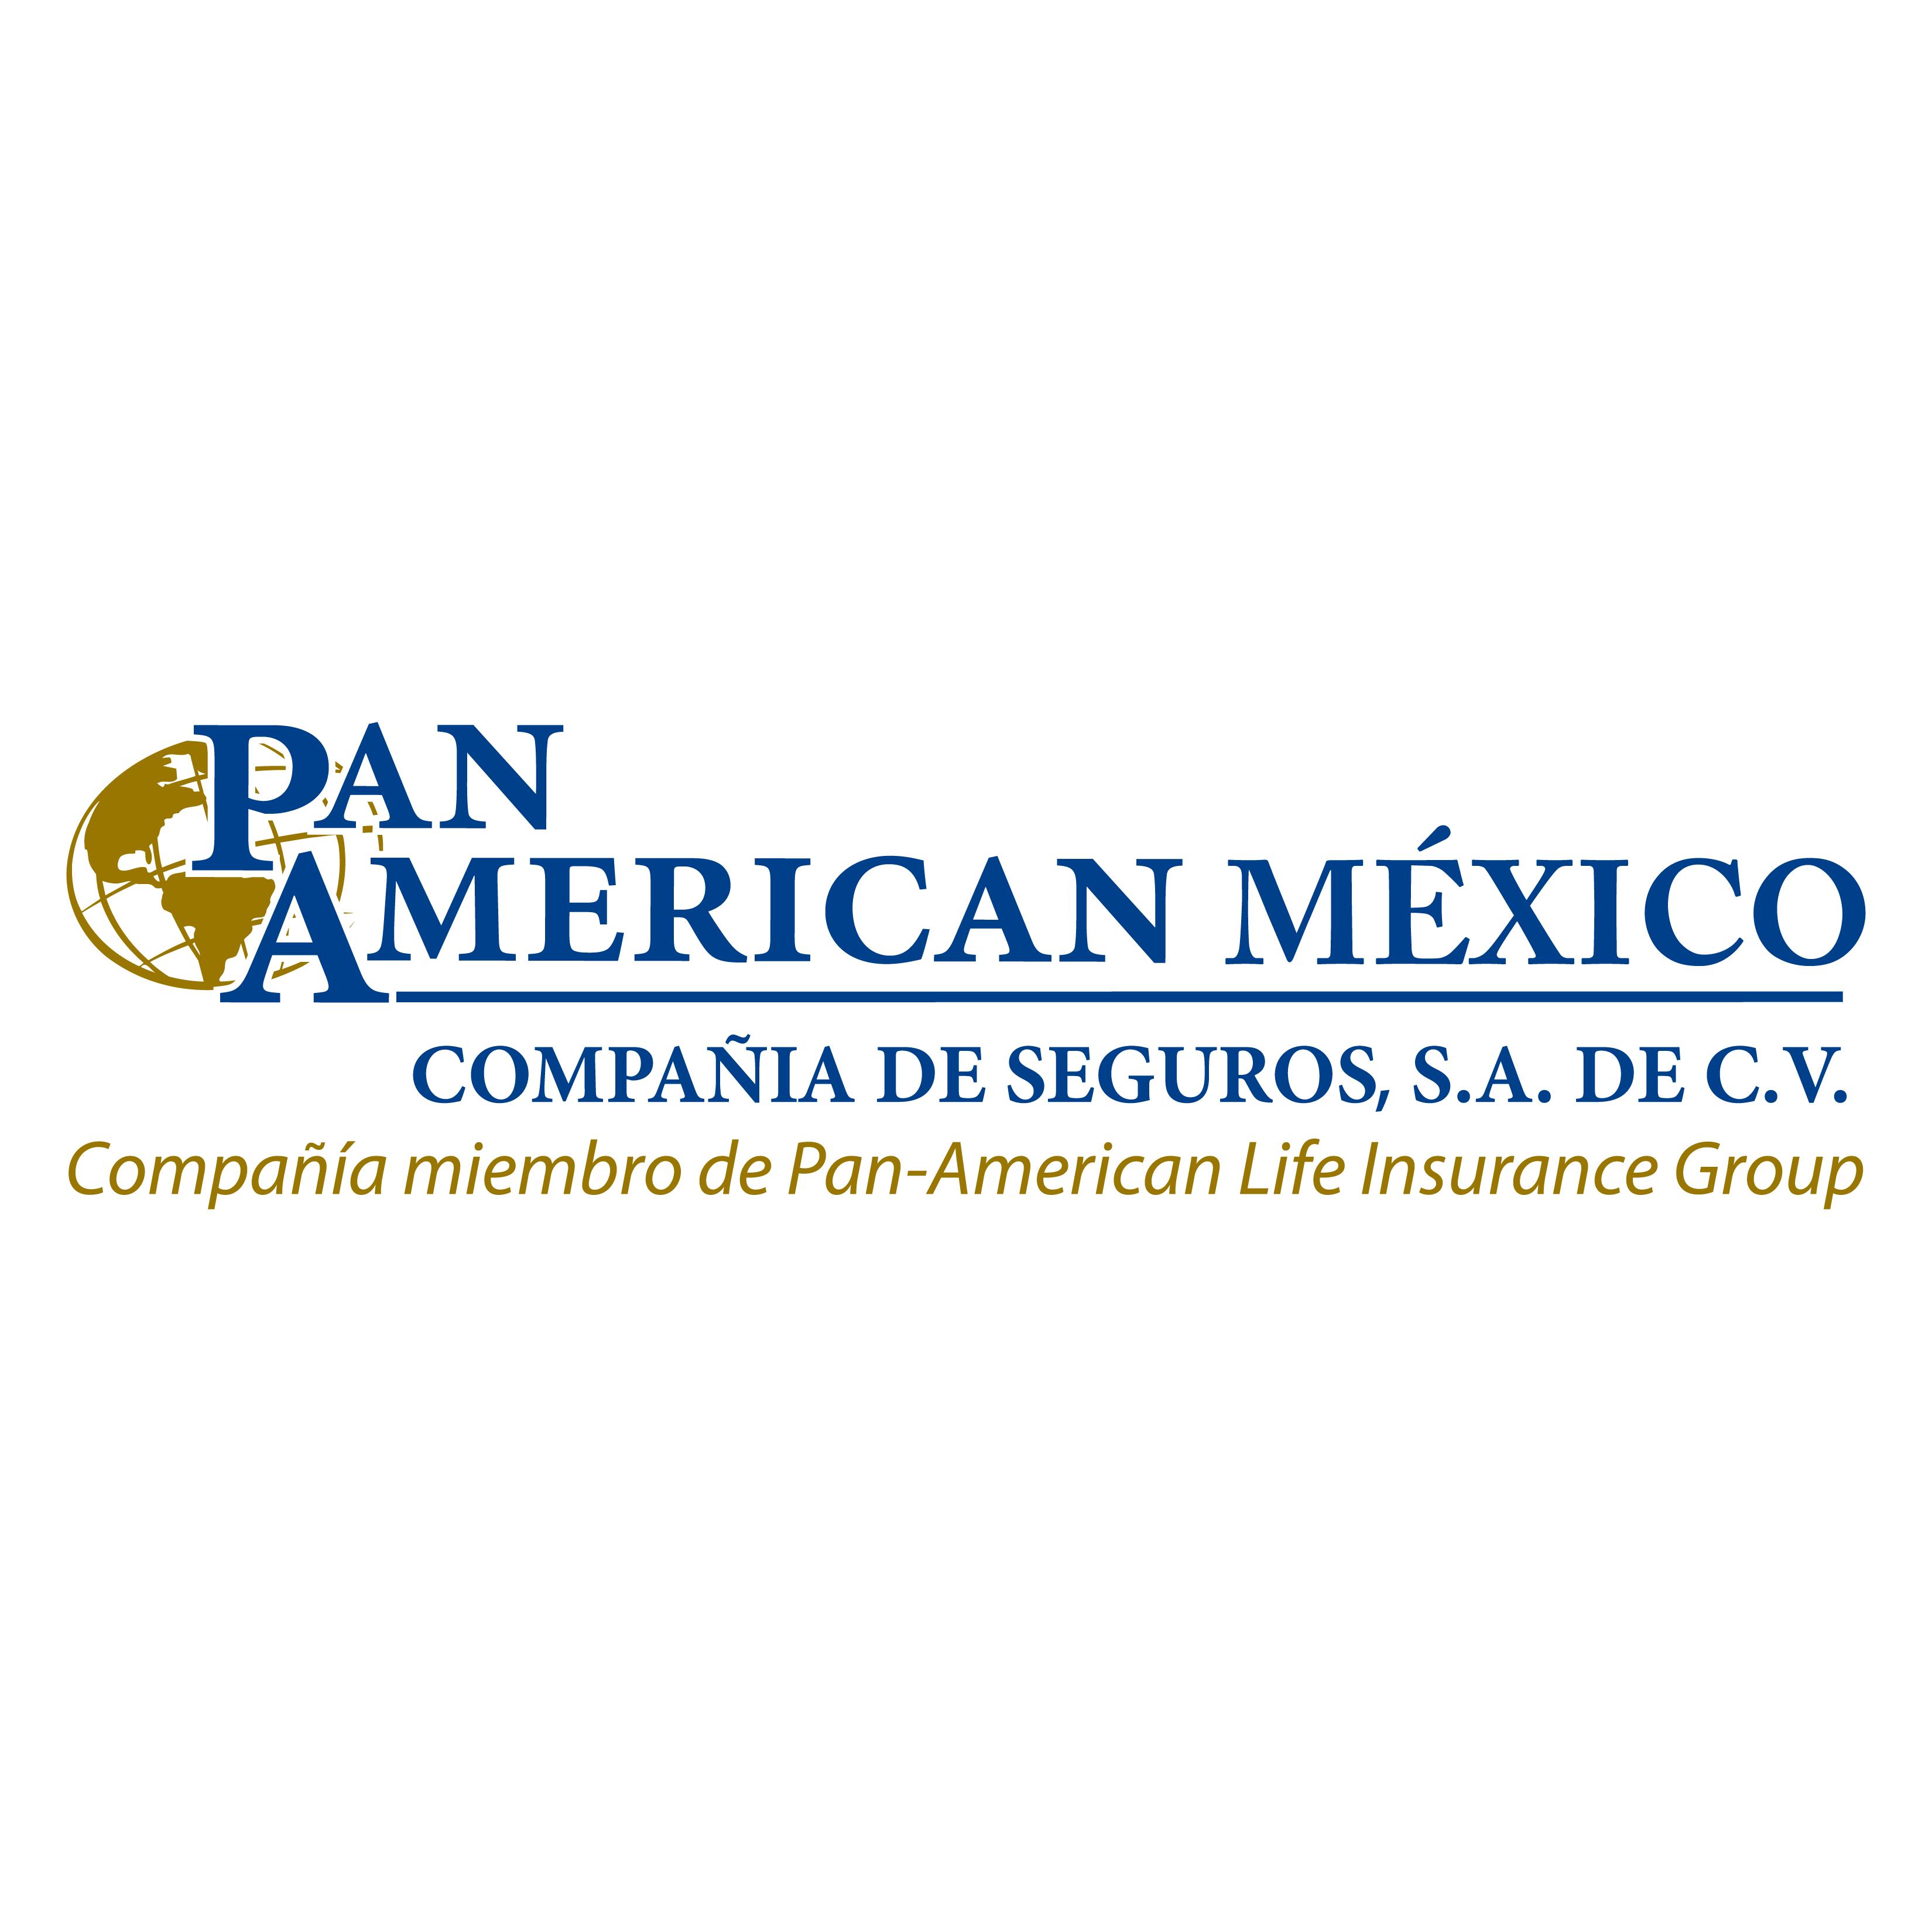 Pan-American México Compañía de Seguros S.A. de C.V.